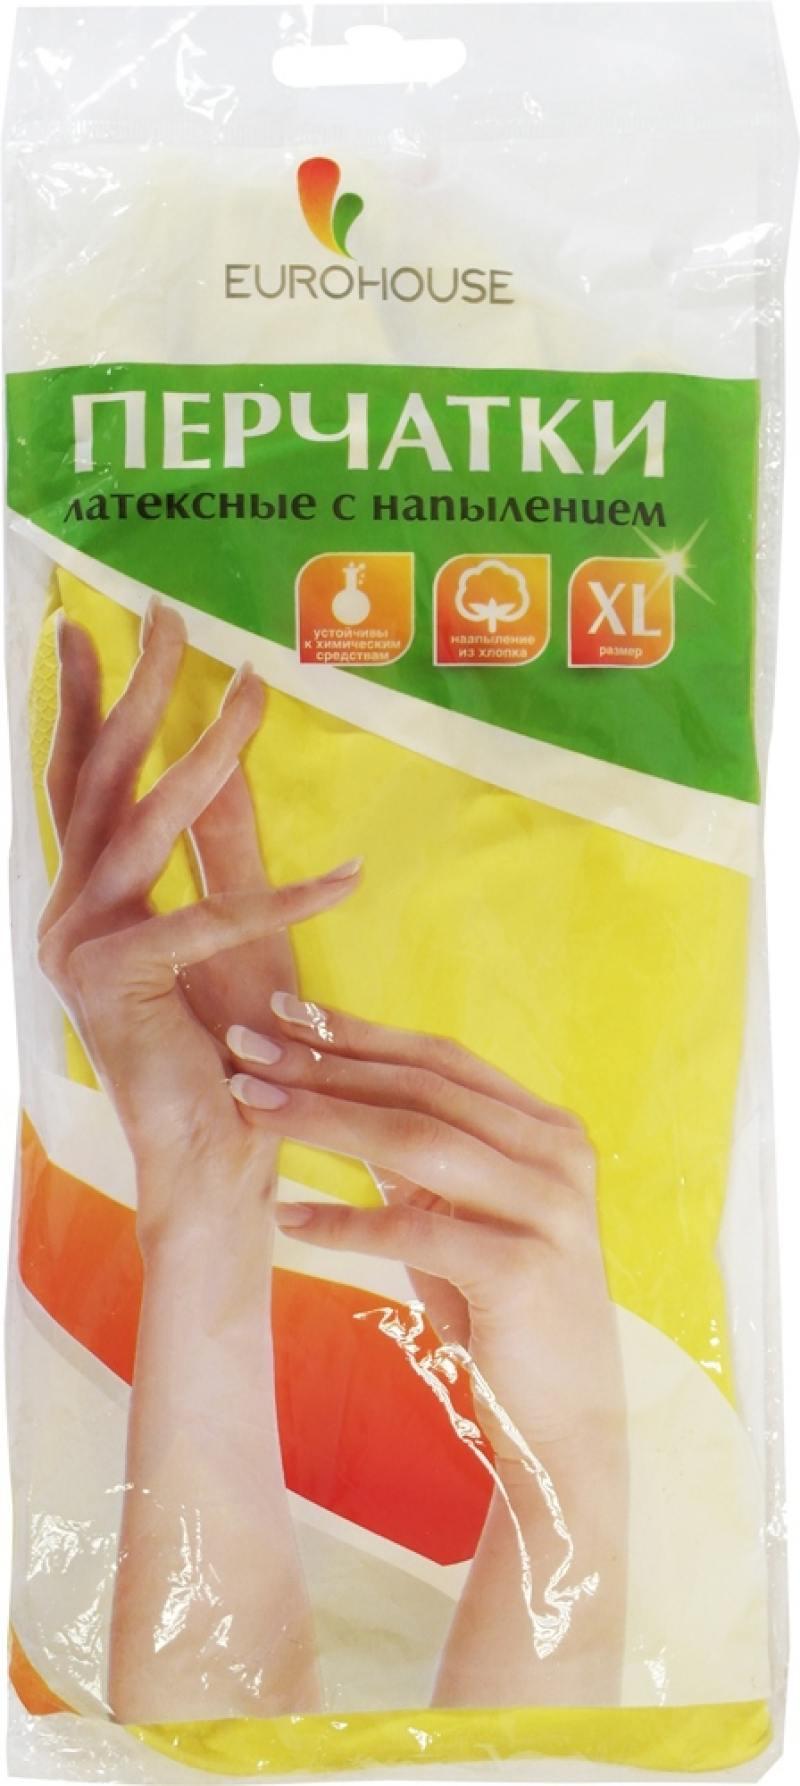 Перчатки хозяйственные EURO HOUSE, латексные, х/б напыление, XL 3699 перчатки хозяйственные euro house латексные х б напыление s 3700